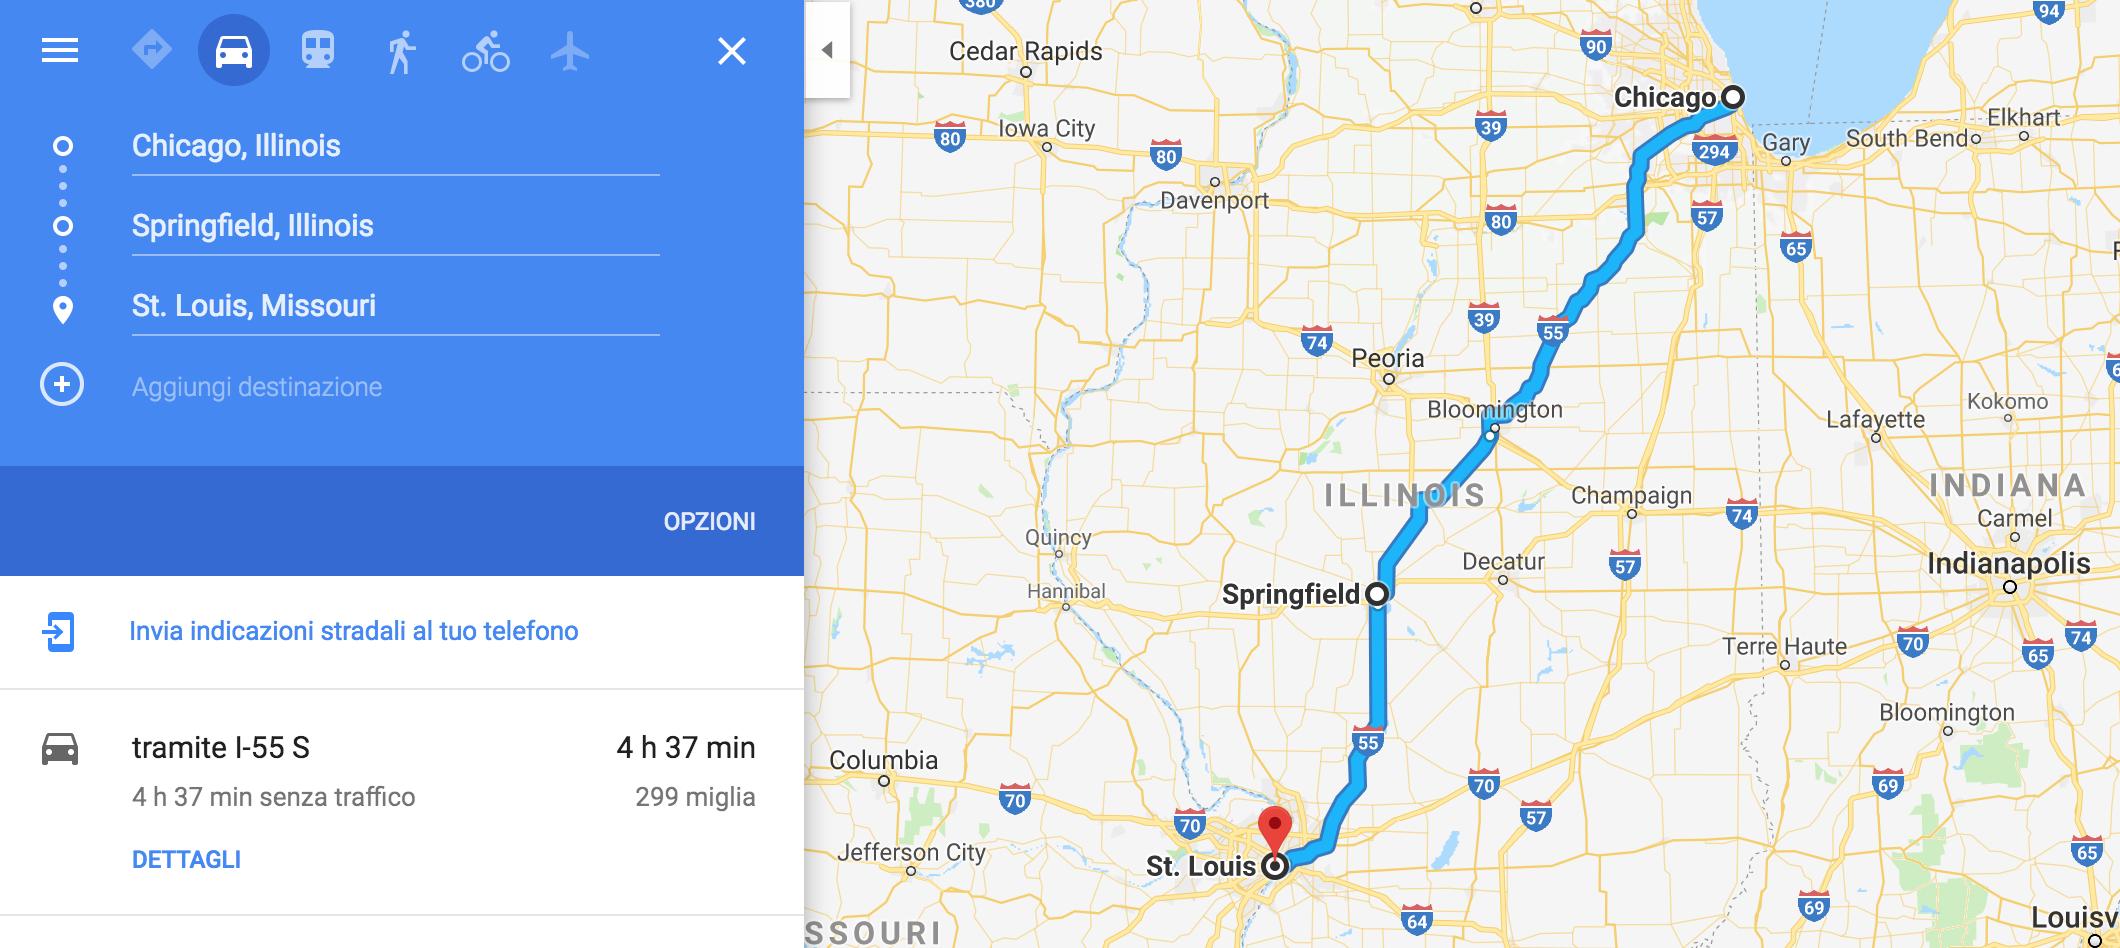 Itinerario da Chicago a St Louis con tappa a Springfield